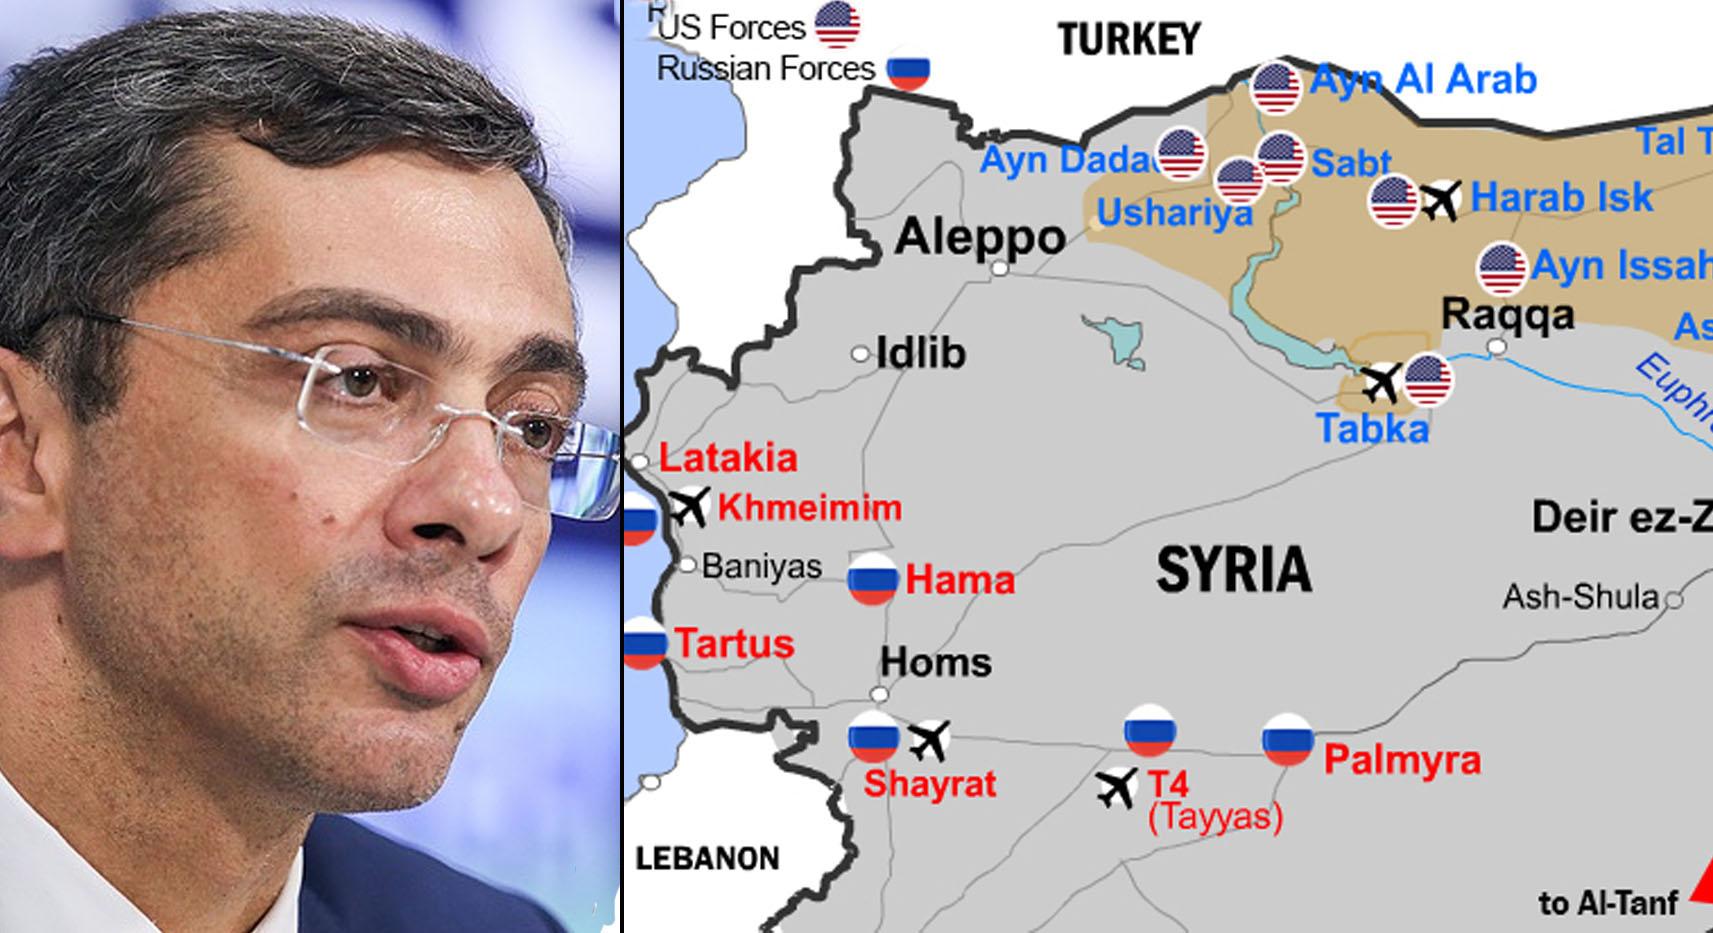 अमेरीका के रशिया पर प्रतिबंधों के खिलाफ रशिया सीरिया में परमाणू बम तैनात करेगा – रशियन संसद सदस्य का दावा